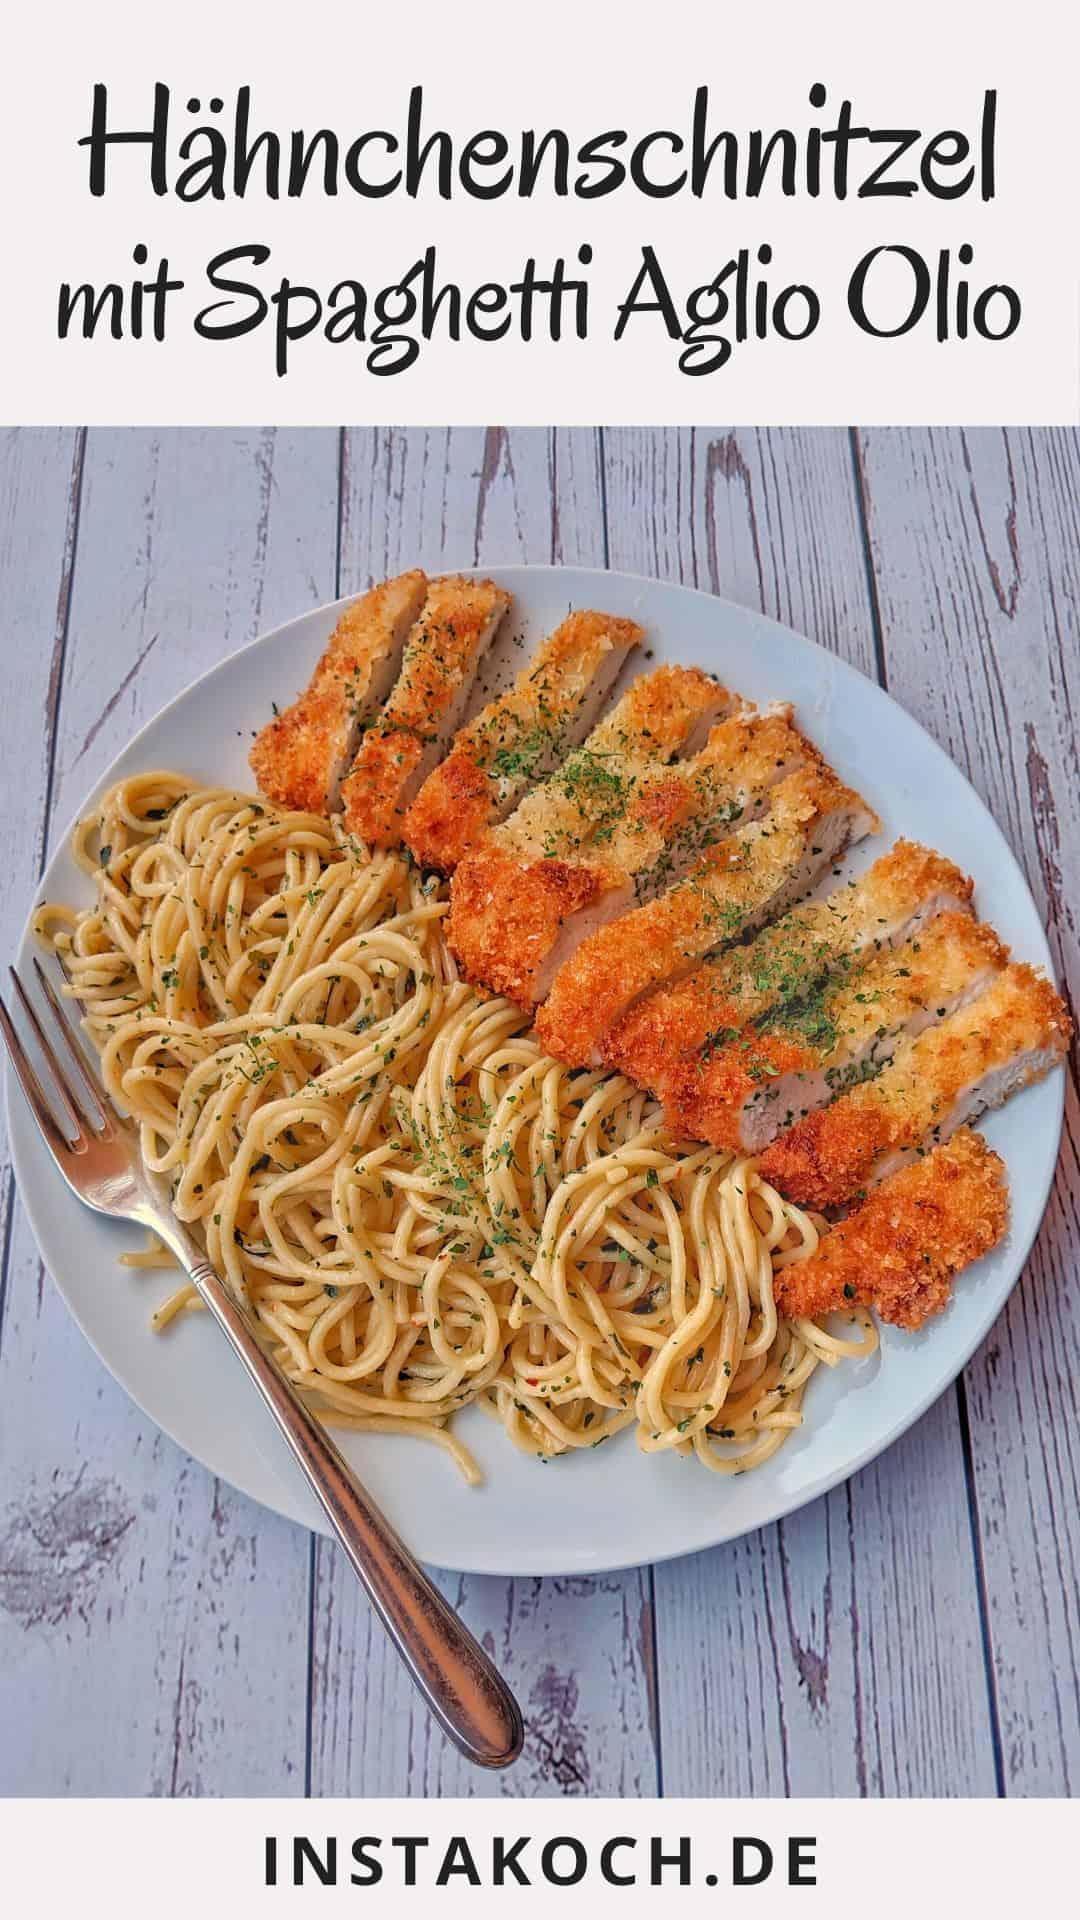 Ein weisser Teller mit Spaghetti Aglio e Olio und einem Hähnchenschnitzel.